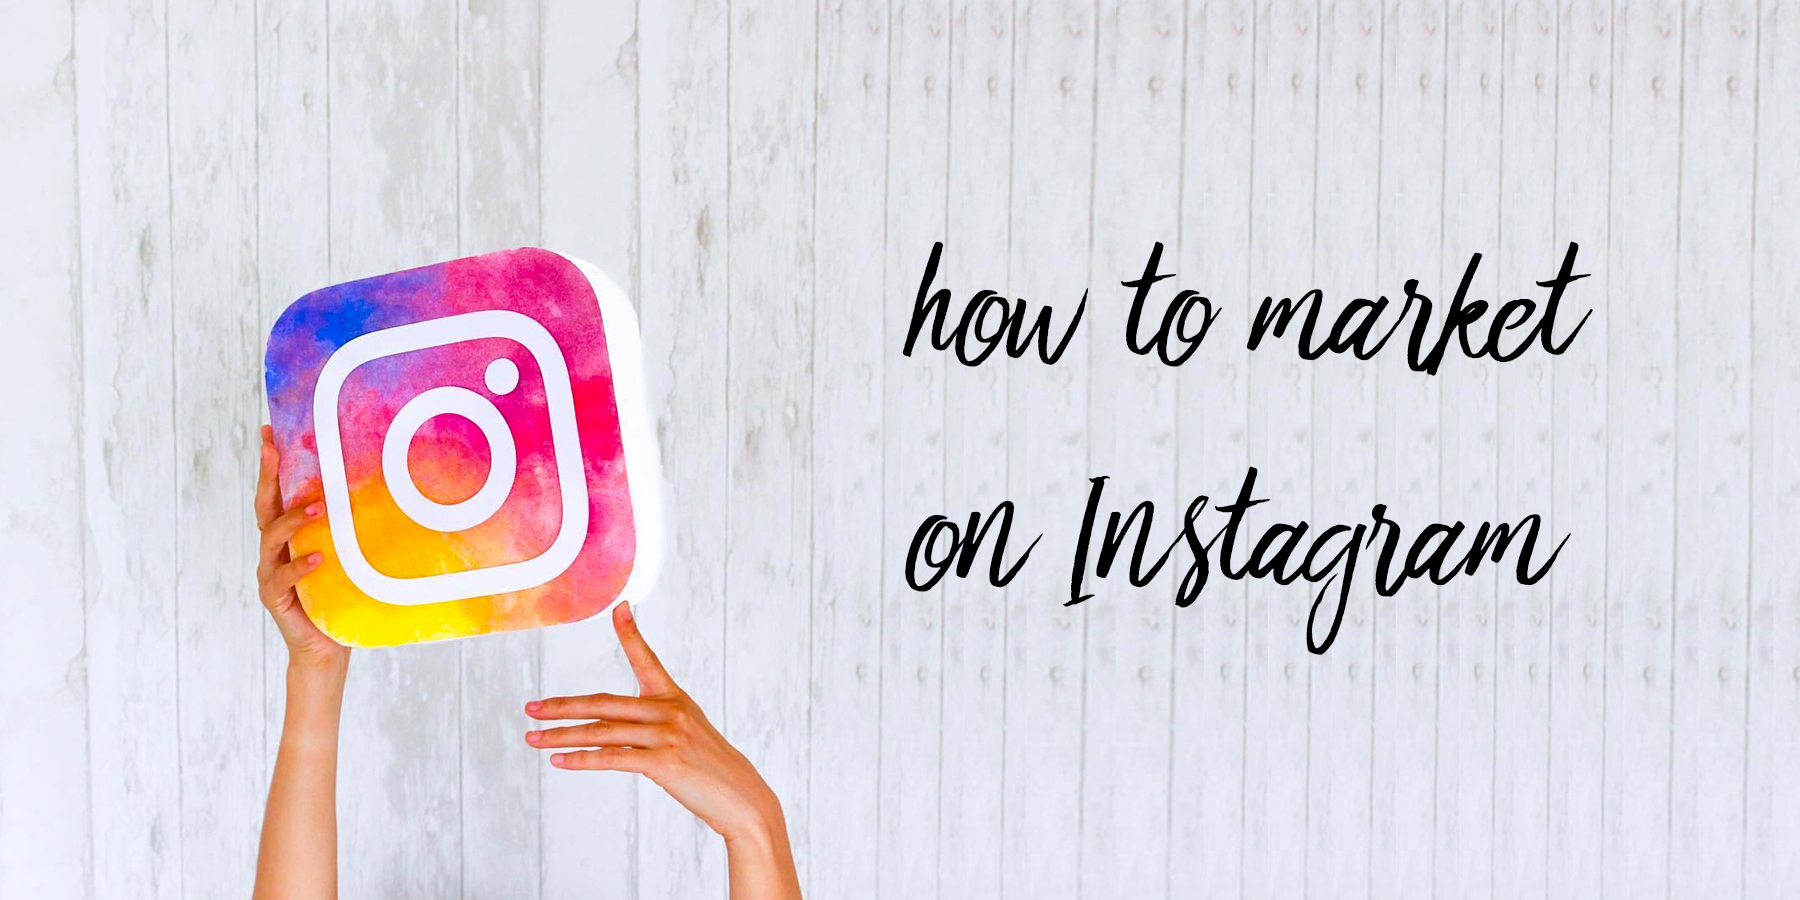 how to market on instagram cody schneider